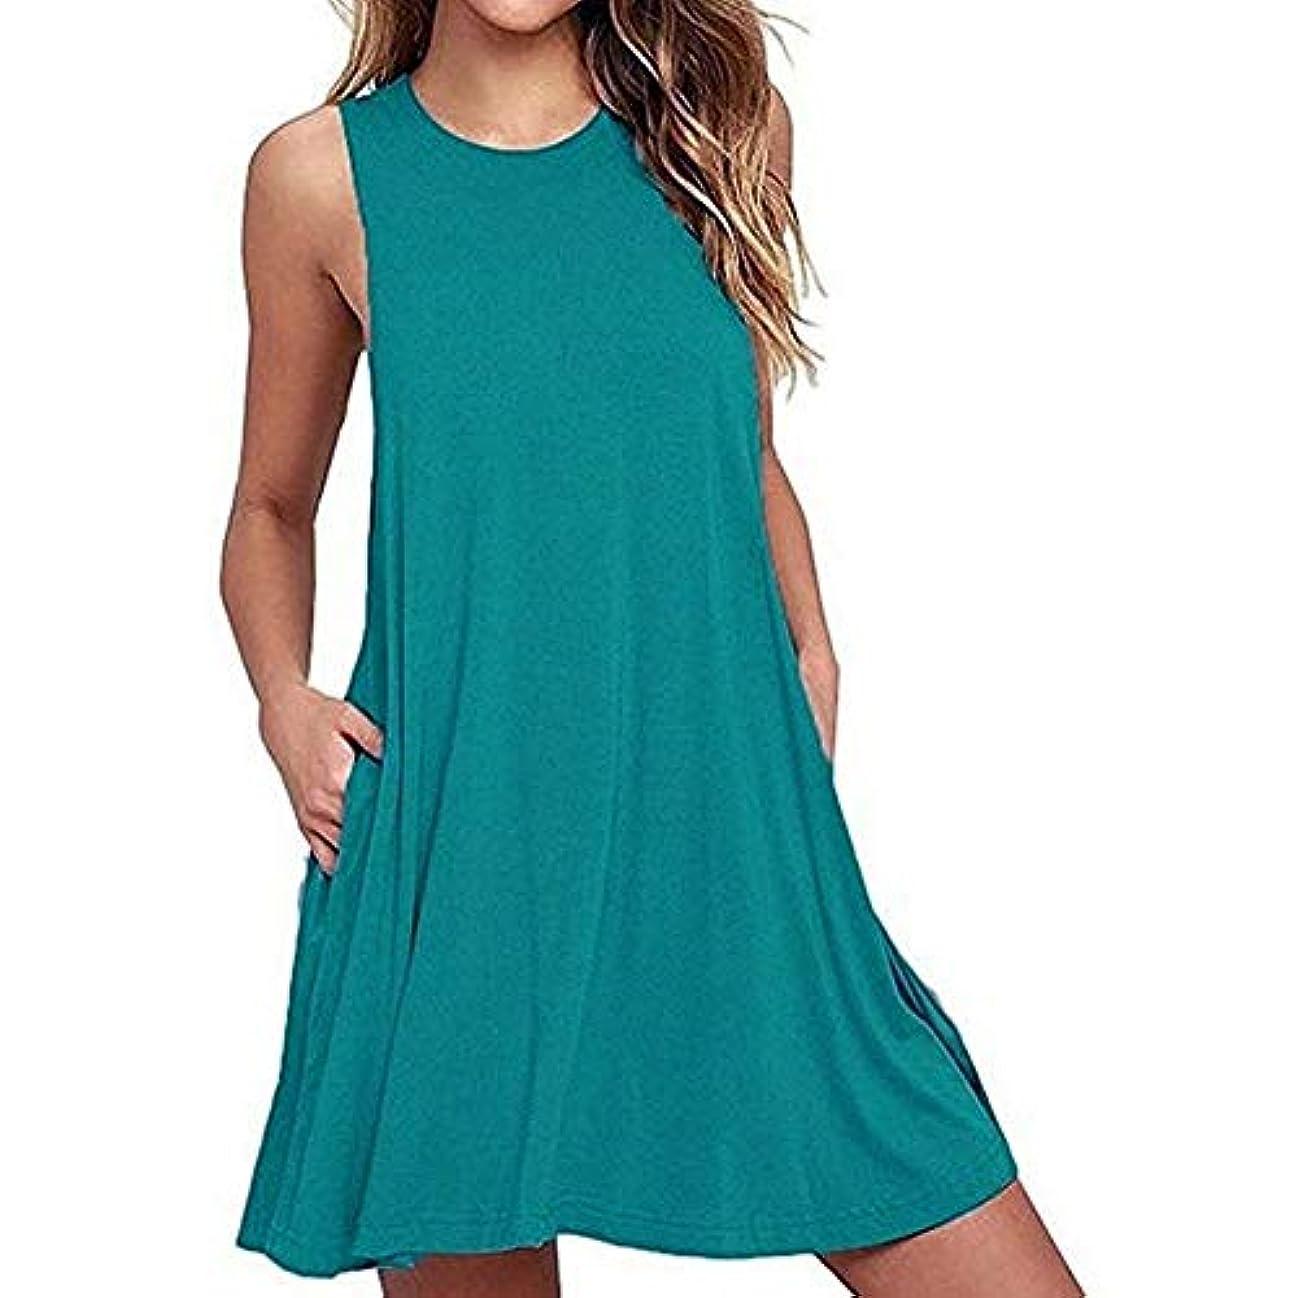 島下線登場MIFAN 人の女性のドレス、プラスサイズのドレス、ノースリーブのドレス、ミニドレス、ホルタードレス、コットンドレス